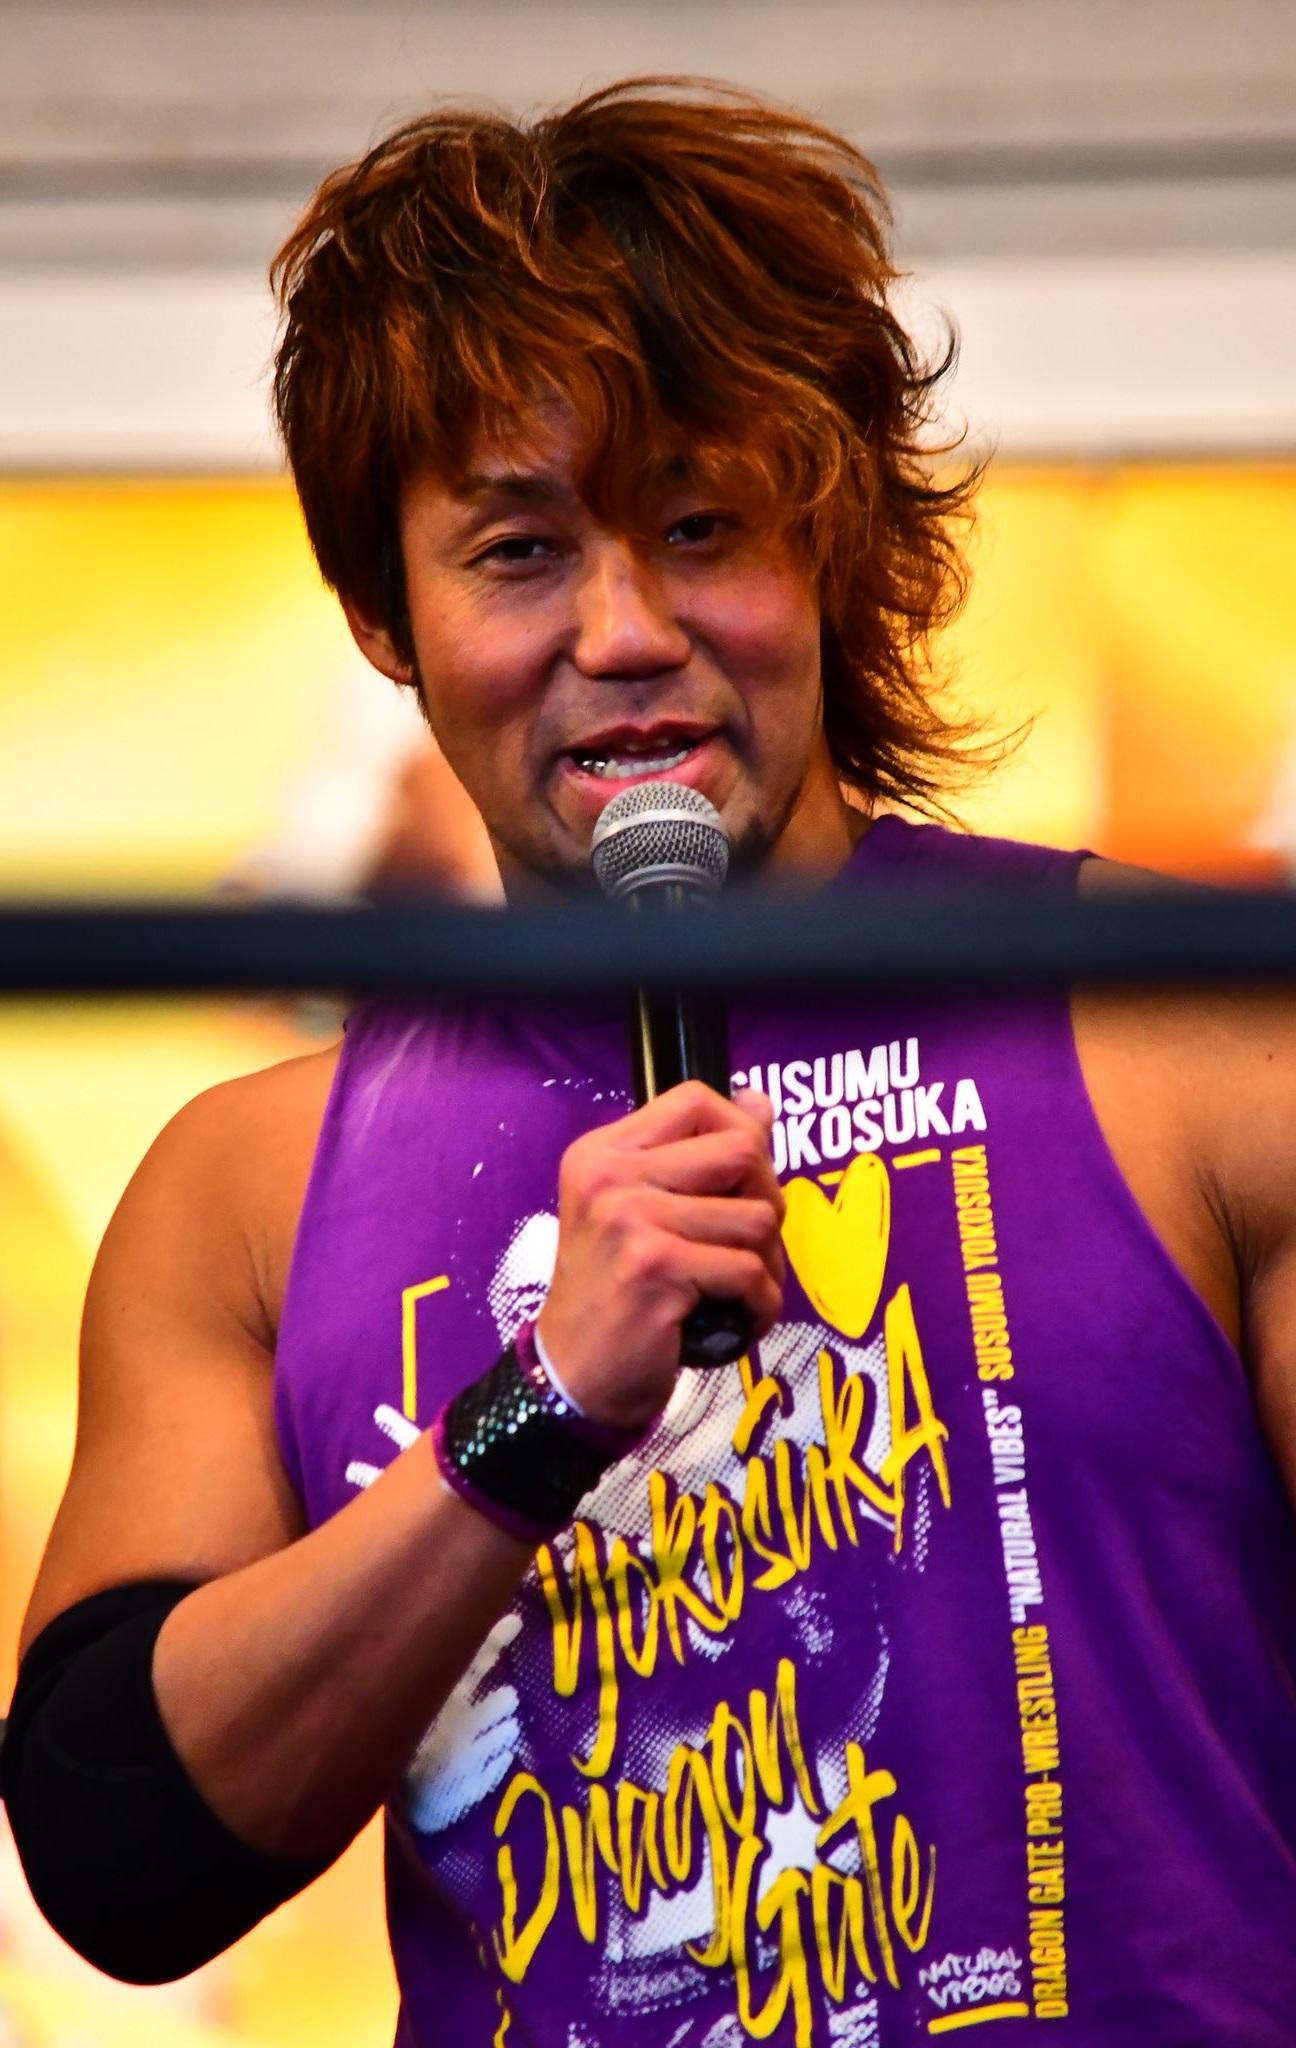 Susumu Yokosuka